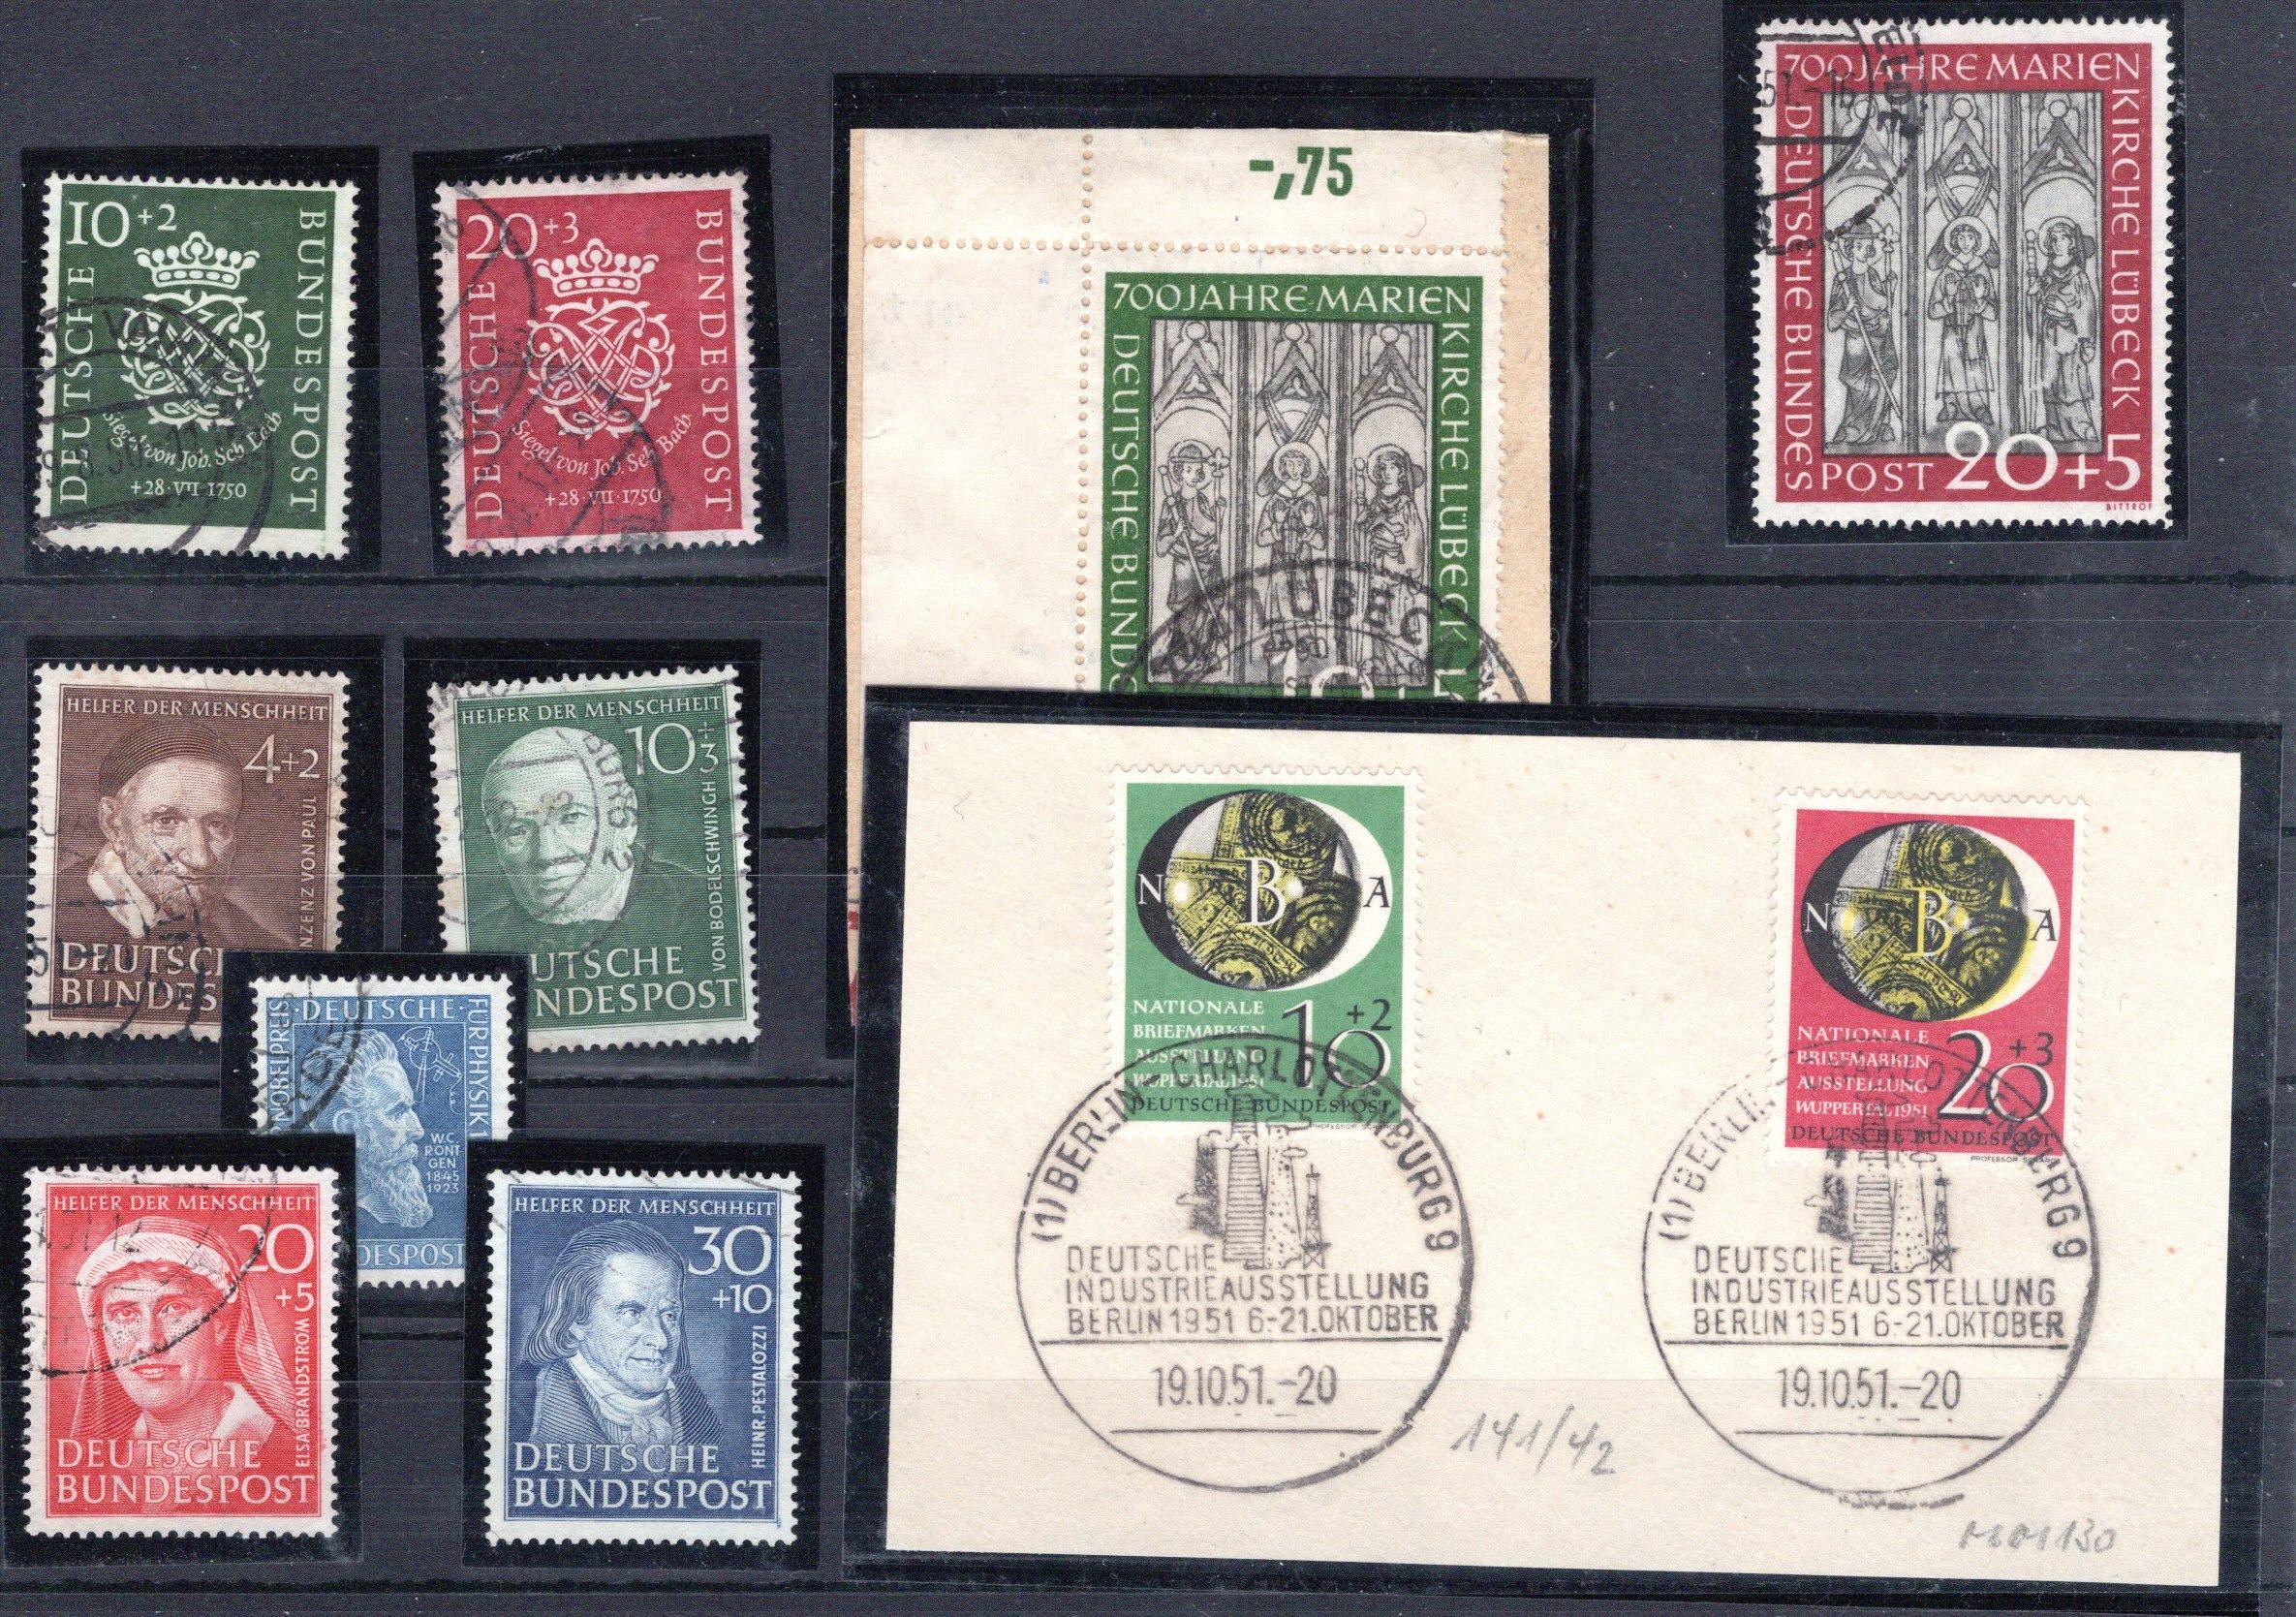 Lot 4244 - germany federal republic -  Georg Bühler Briefmarken Auktionen GmbH 27th mail bid auction